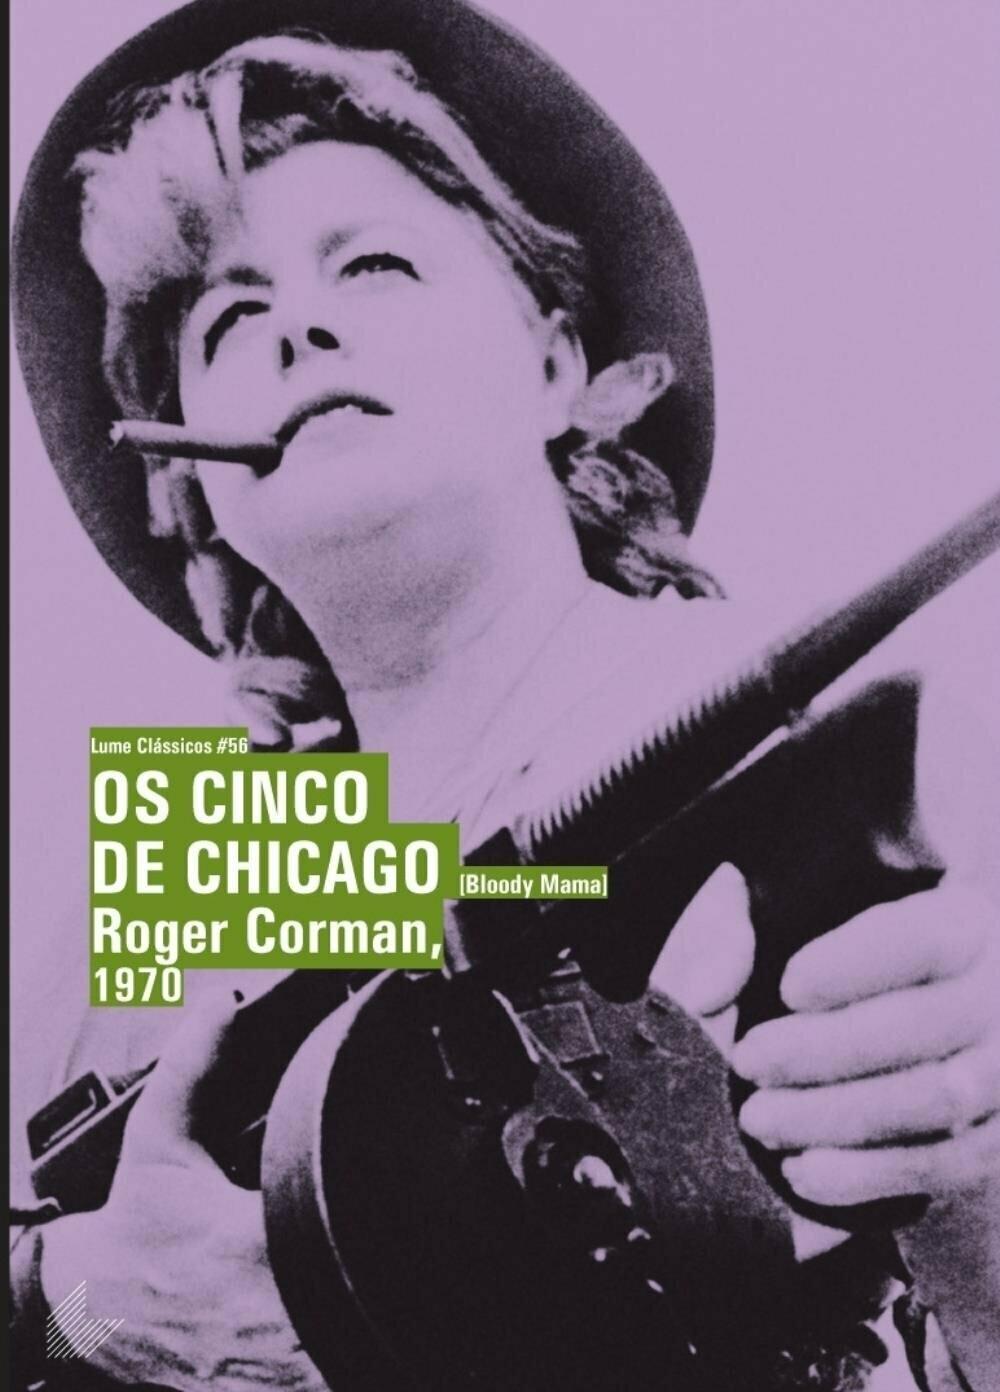 OS CINCO DE CHICAGO - DVD (Ultimas unidade)